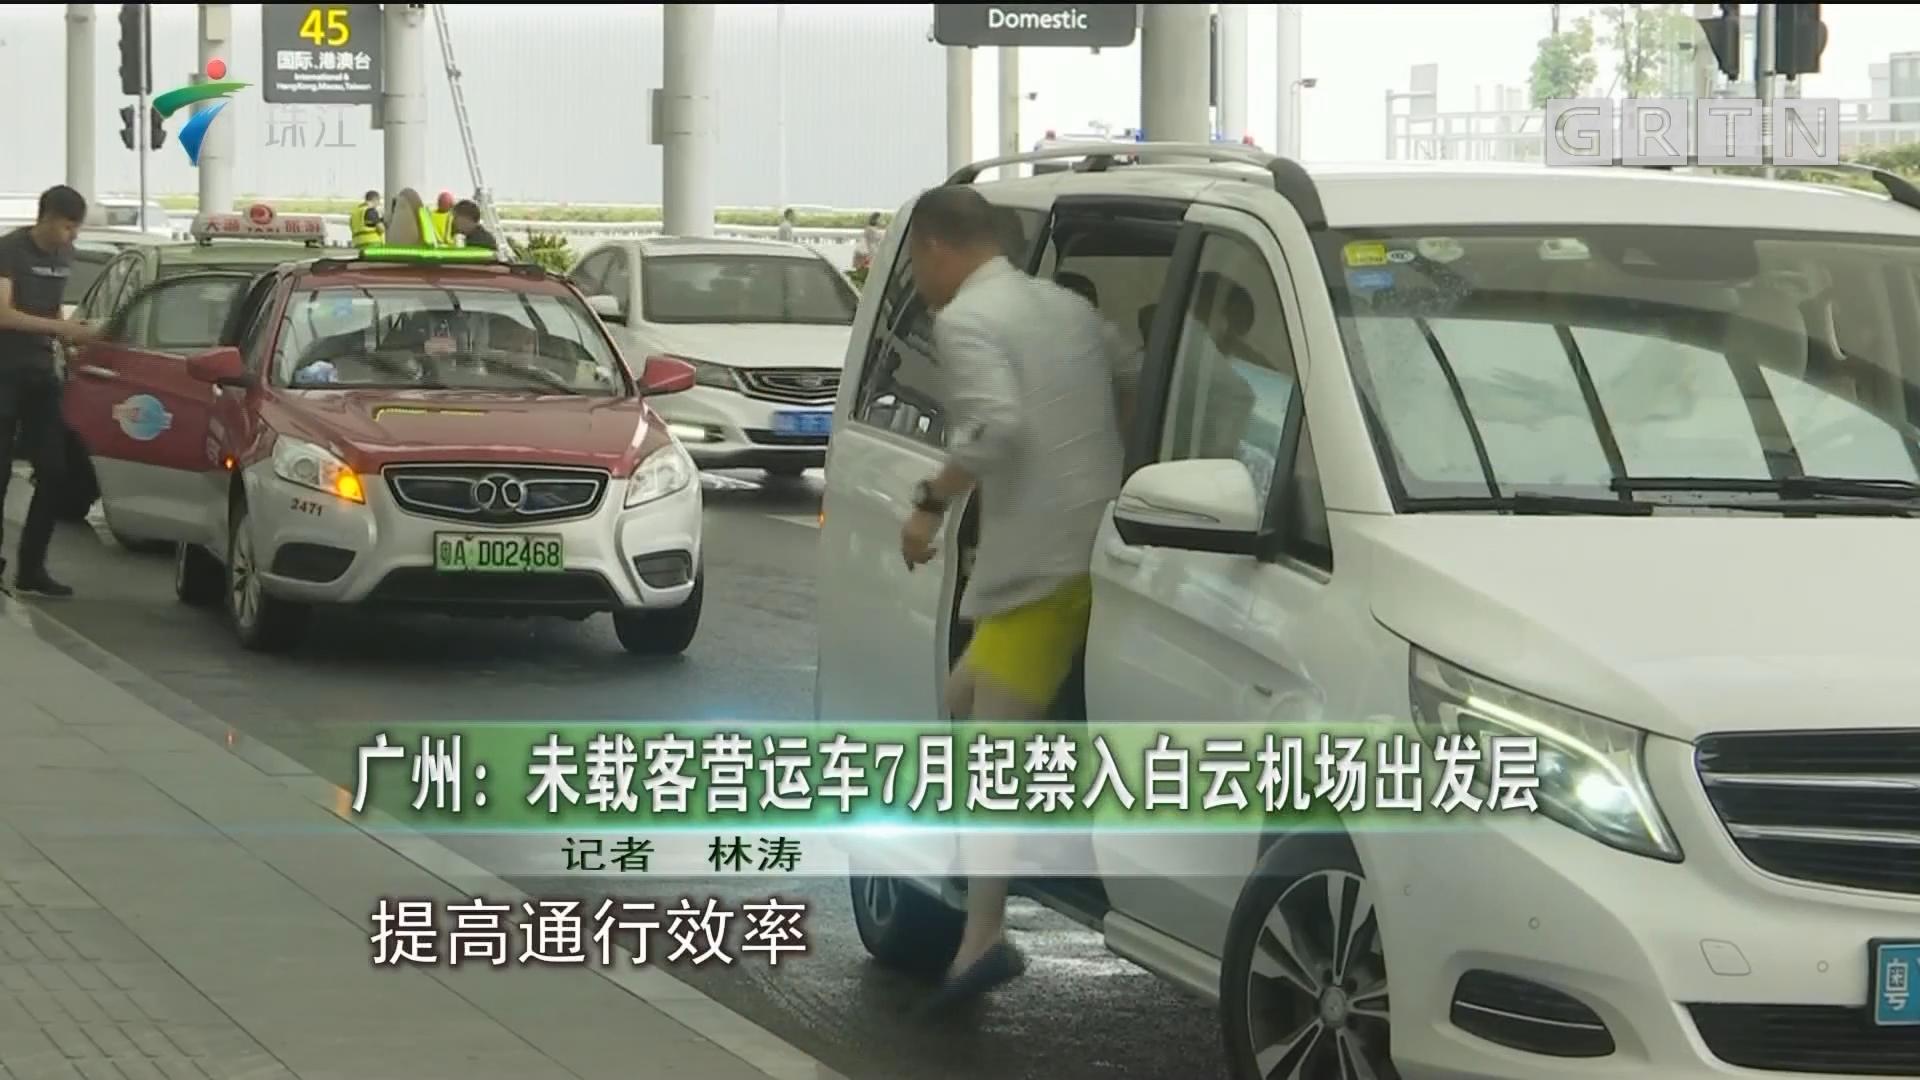 广州:未载客营运车7月起禁止入白云机场出发层